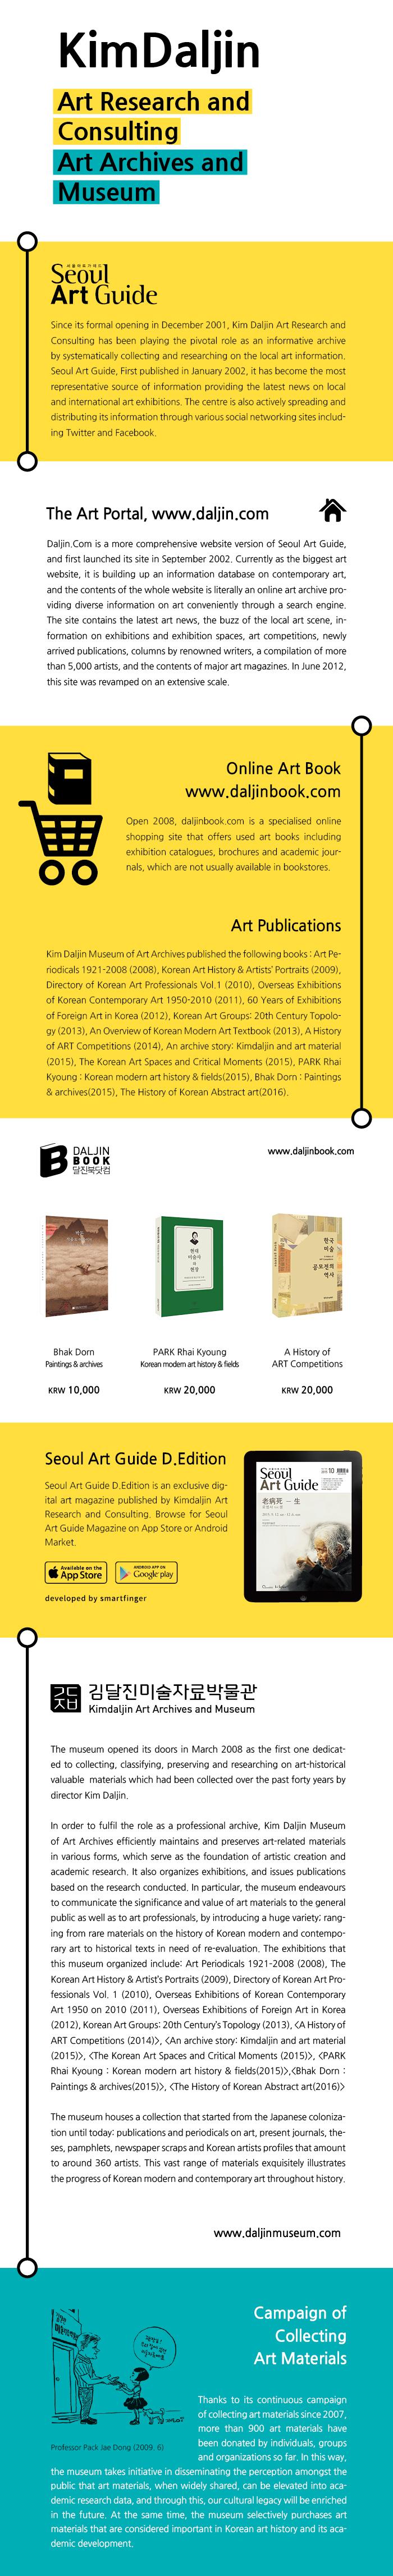 서울아트가이드 영문소개